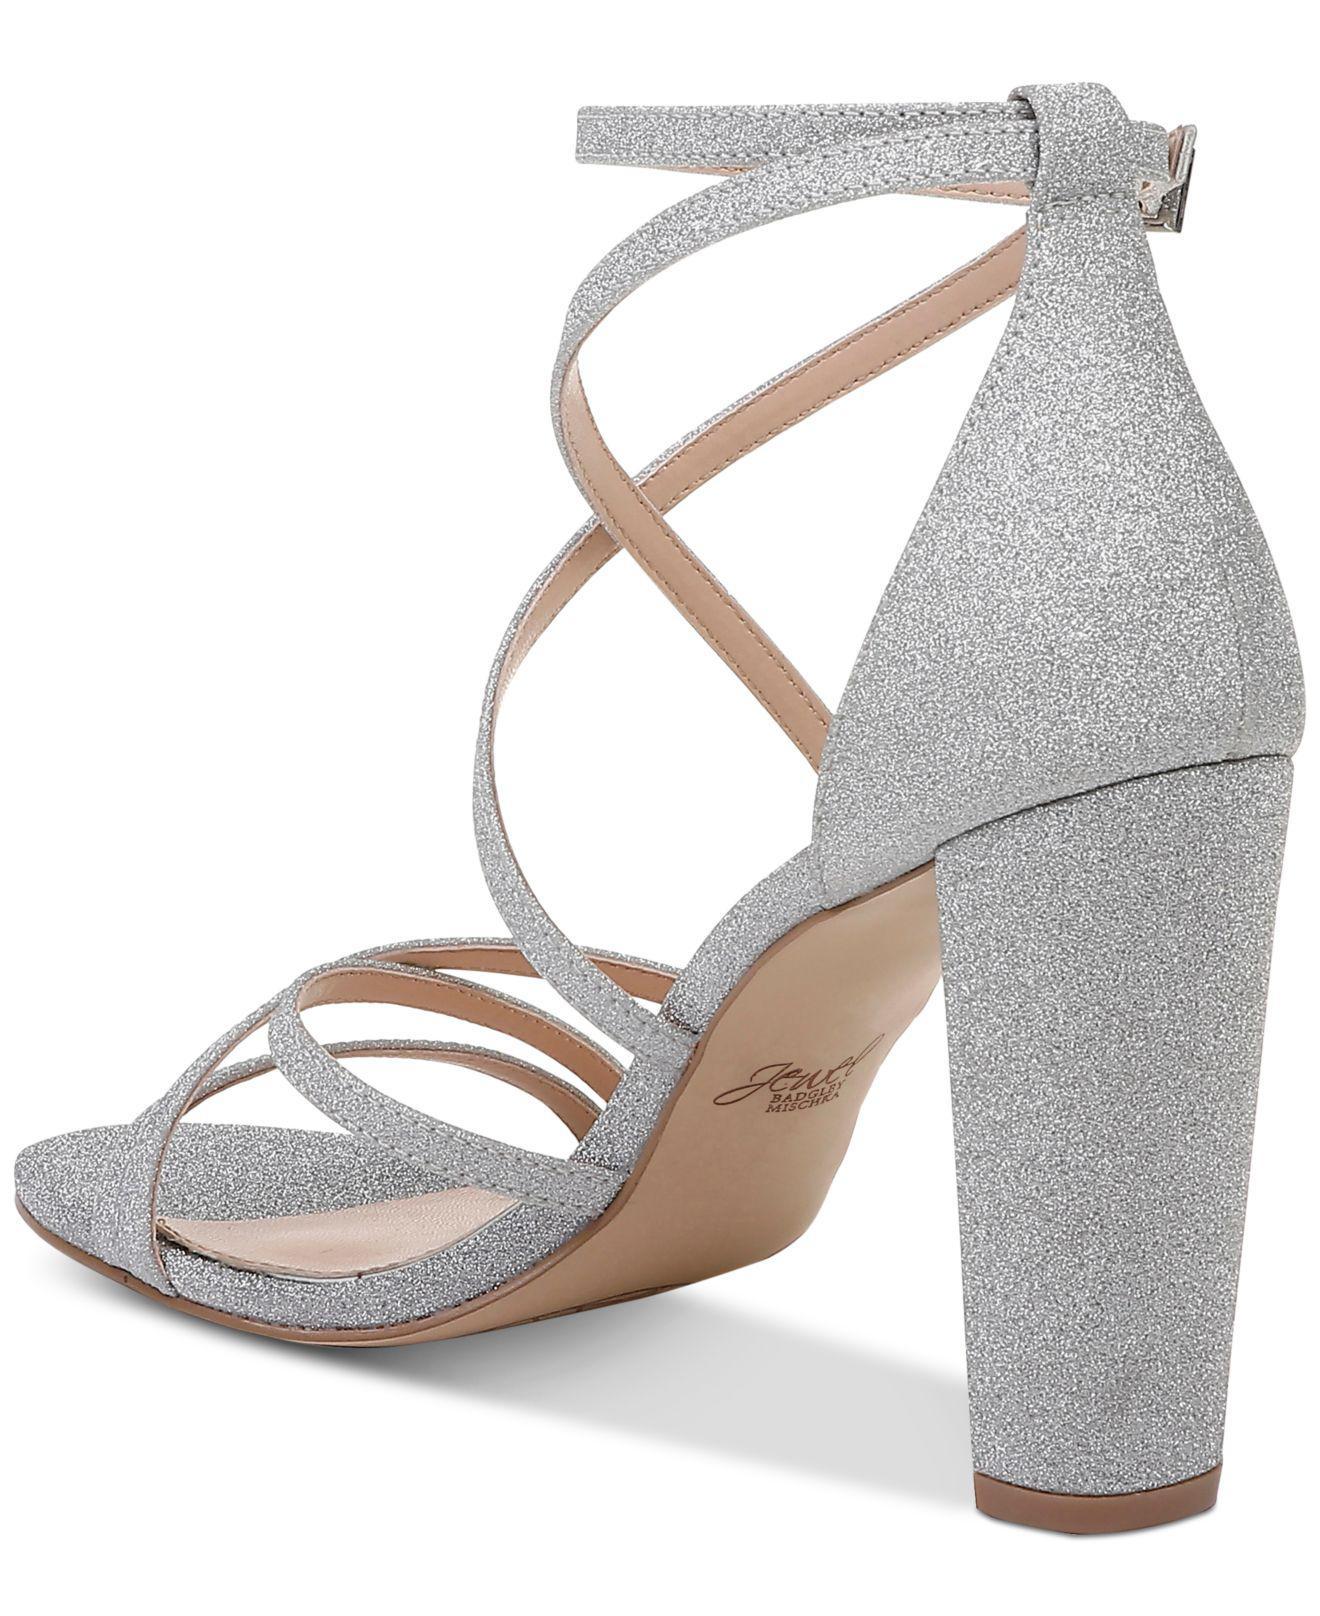 Badgley Mischka Diora Evening Sandals